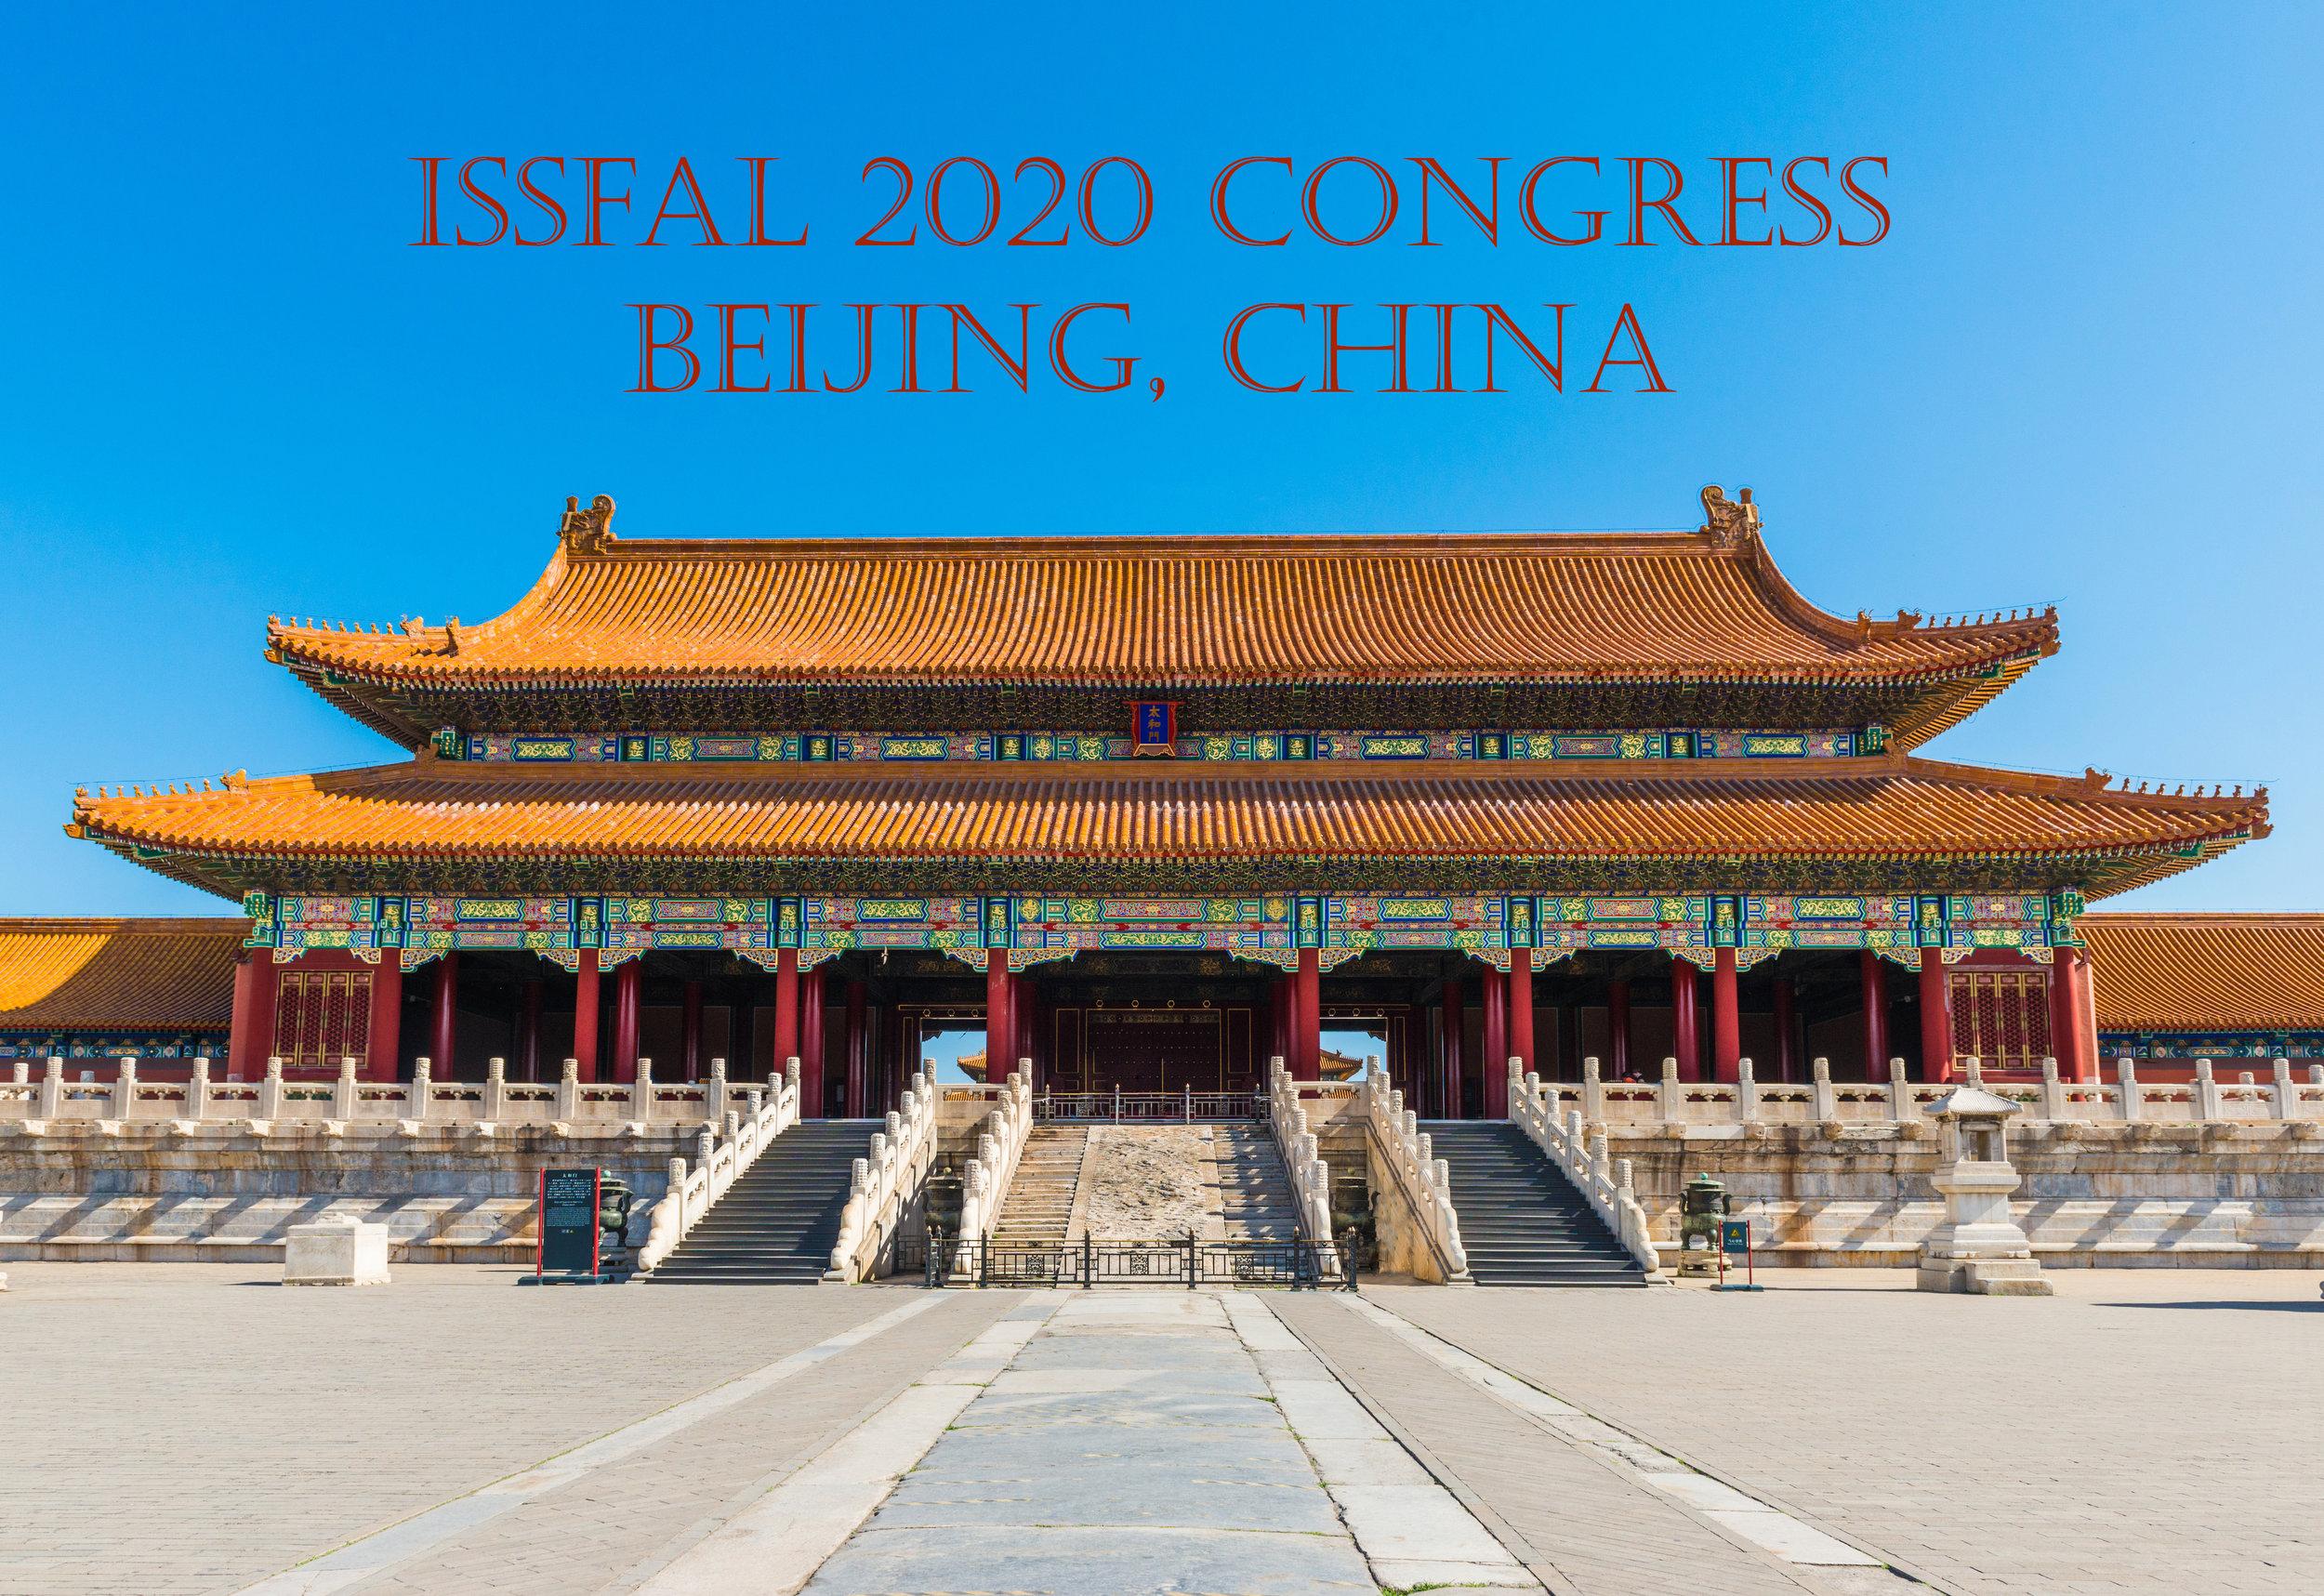 ISSFAL BEIJING 2020.jpg